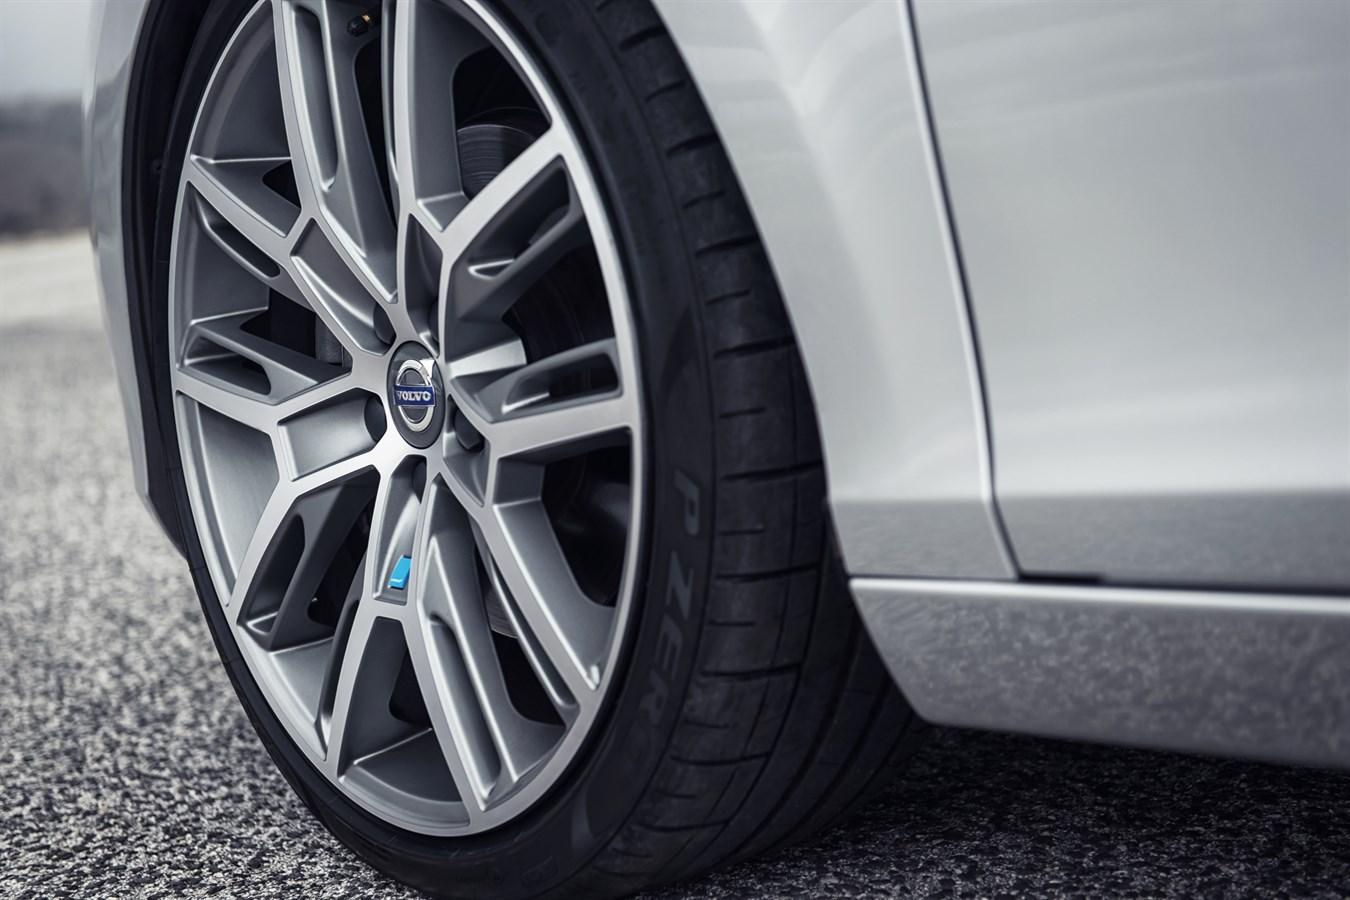 polestar parts wheel 19 inch volvo car group global. Black Bedroom Furniture Sets. Home Design Ideas